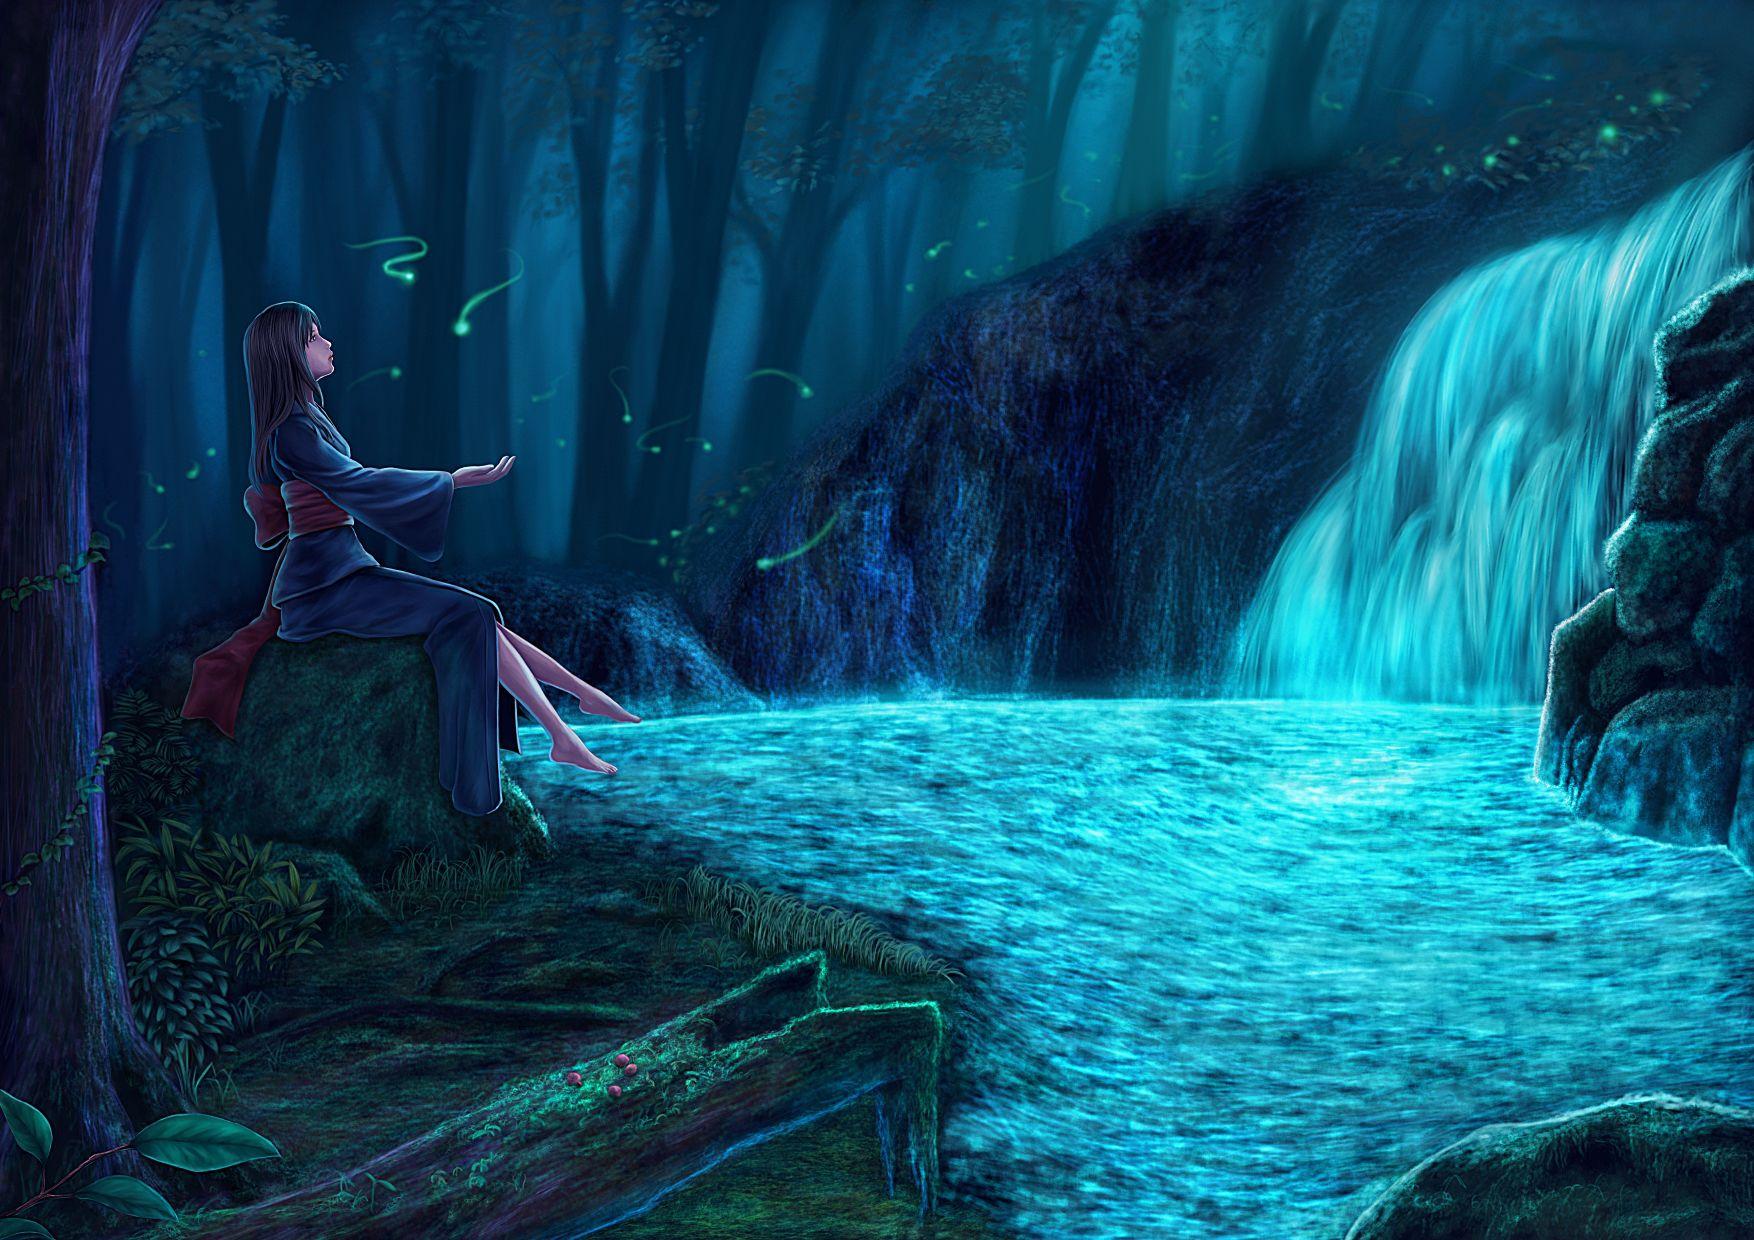 泡在水里的人的图片_一个动漫女孩, 赤脚泡在水里,穿着类似和服的。 周围环境有 ...